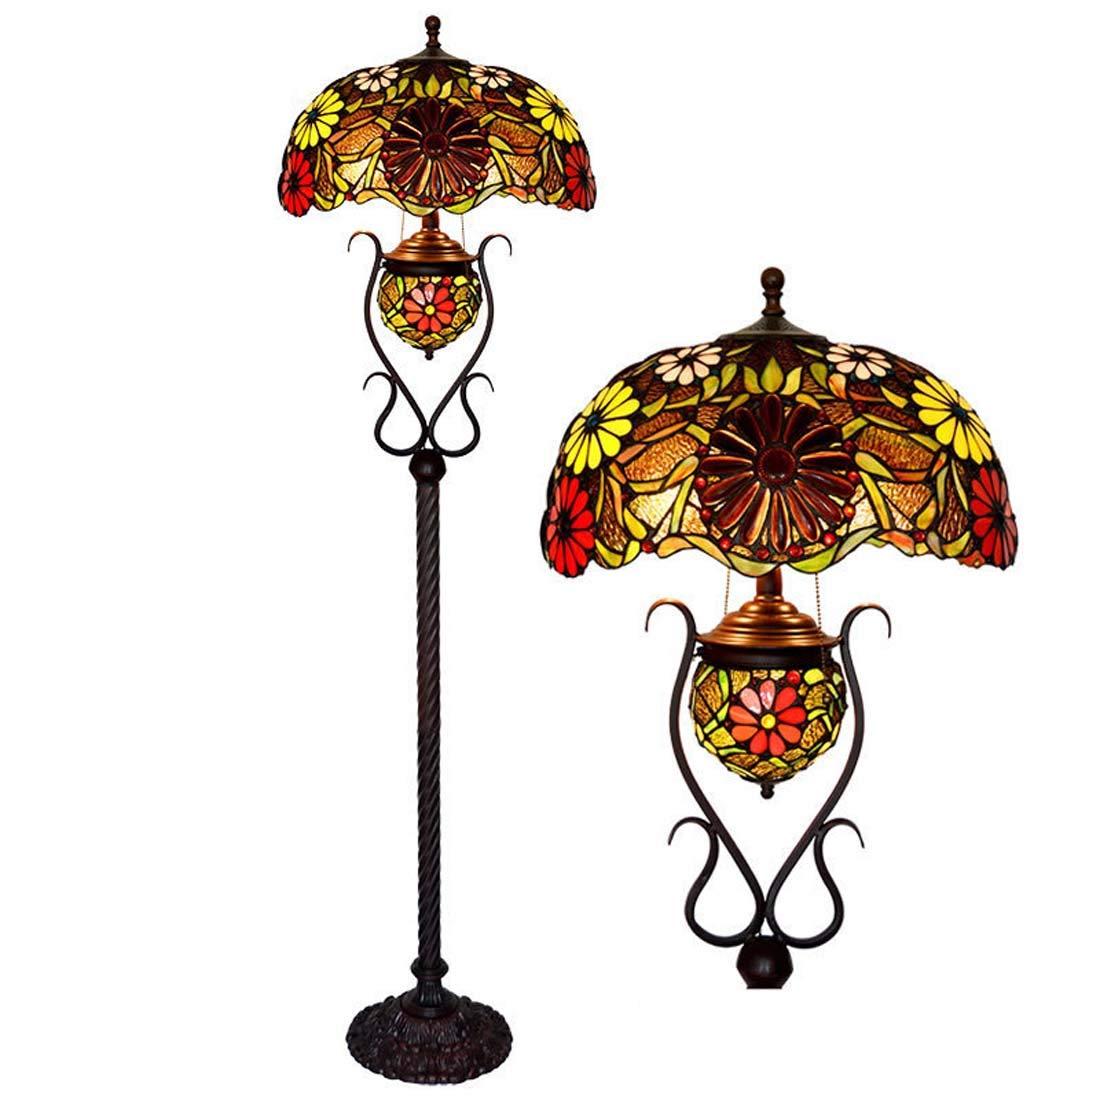 Tiffany Stil Stehlampe Europaischen Retro Wohnzimmer Schlafzimmer